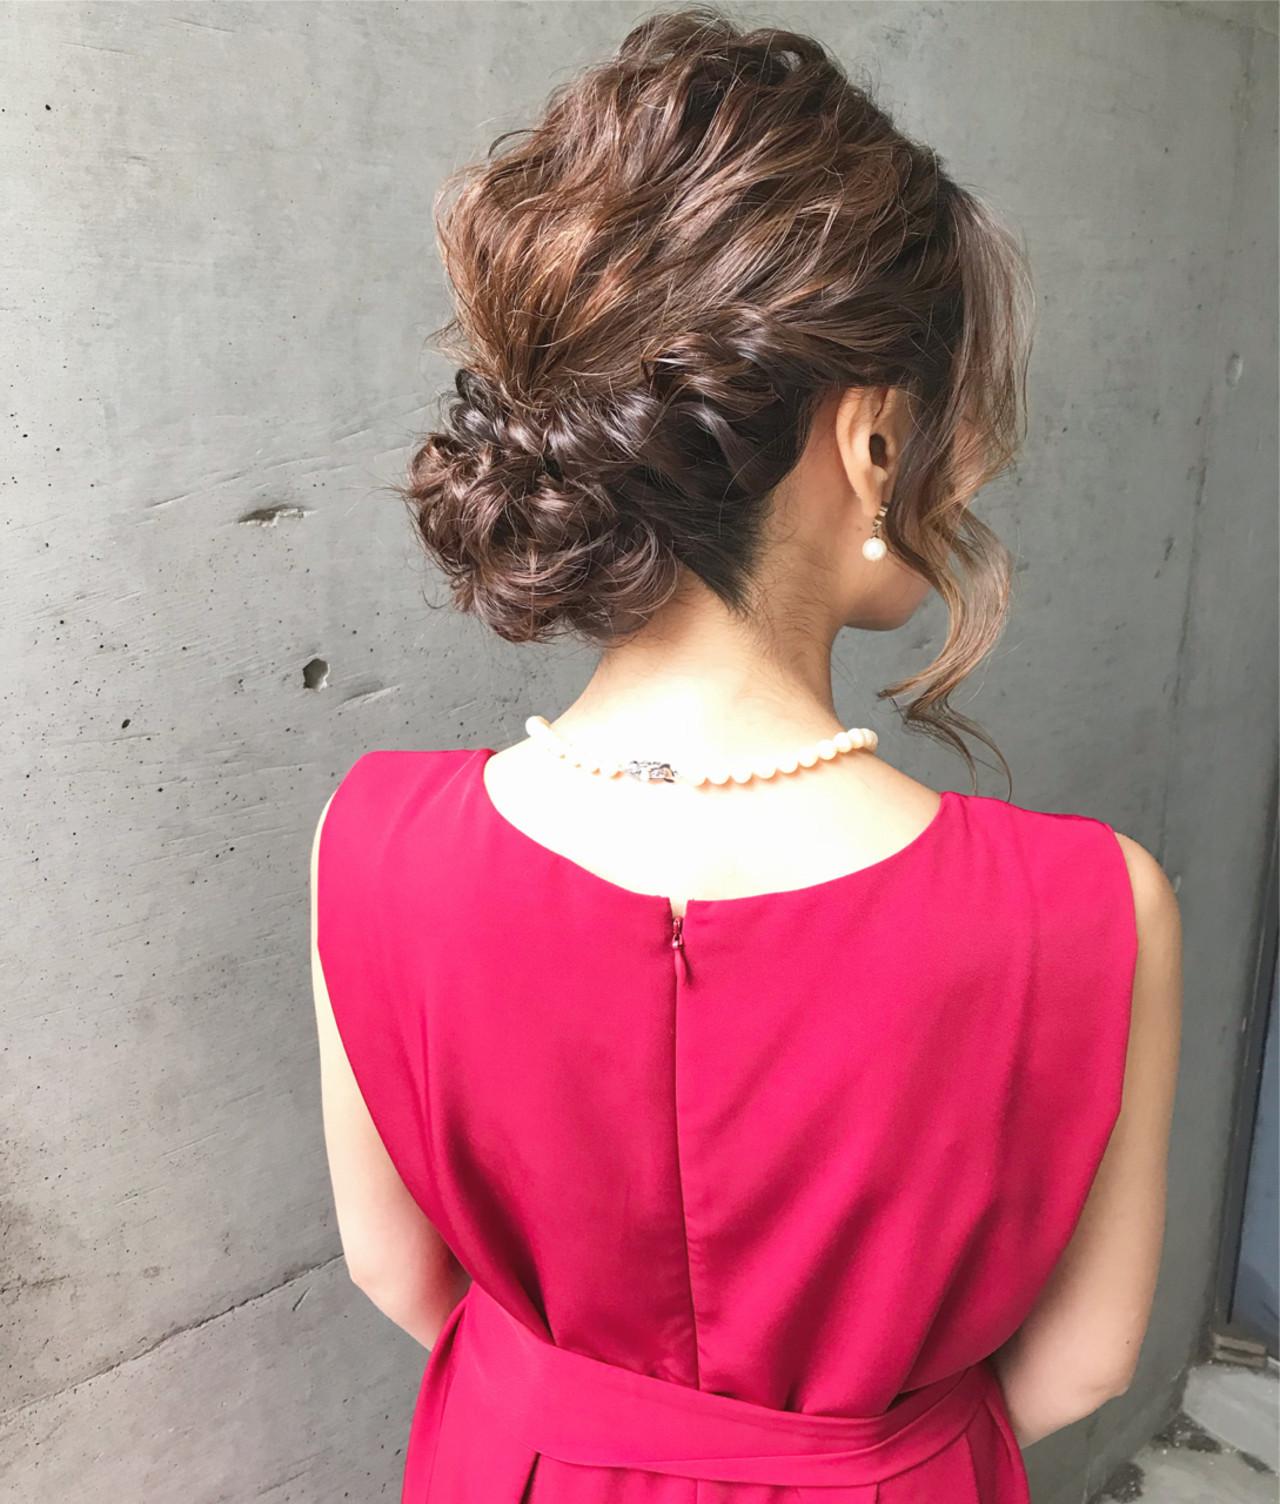 結婚式 アップスタイル フェミニン 大人かわいい ヘアスタイルや髪型の写真・画像